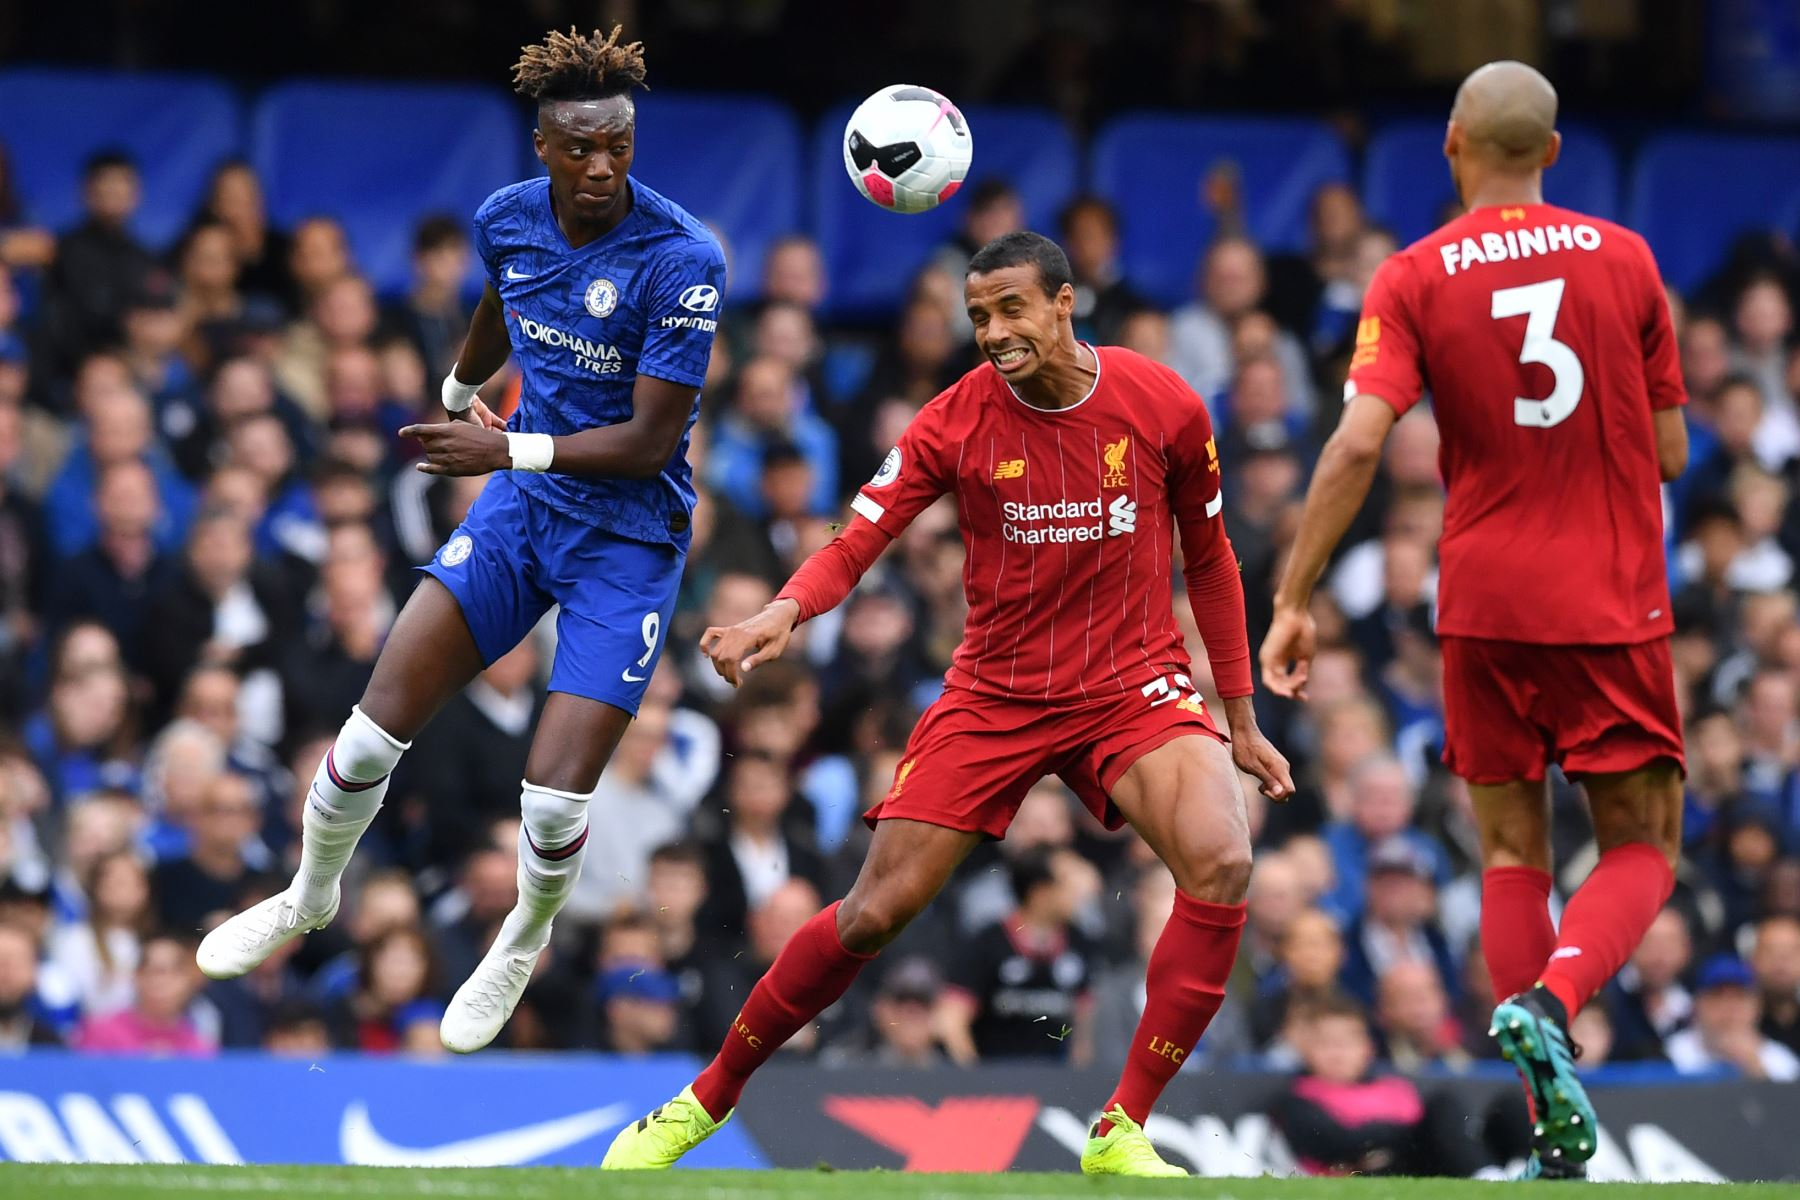 El delantero inglés del Chelsea, Tammy Abraham (L) compite con el defensor camerunés nacido en Alemania Joel Matip (C) durante el partido de fútbol de la Premier League inglesa entre Chelsea y Liverpool. Foto: AFP